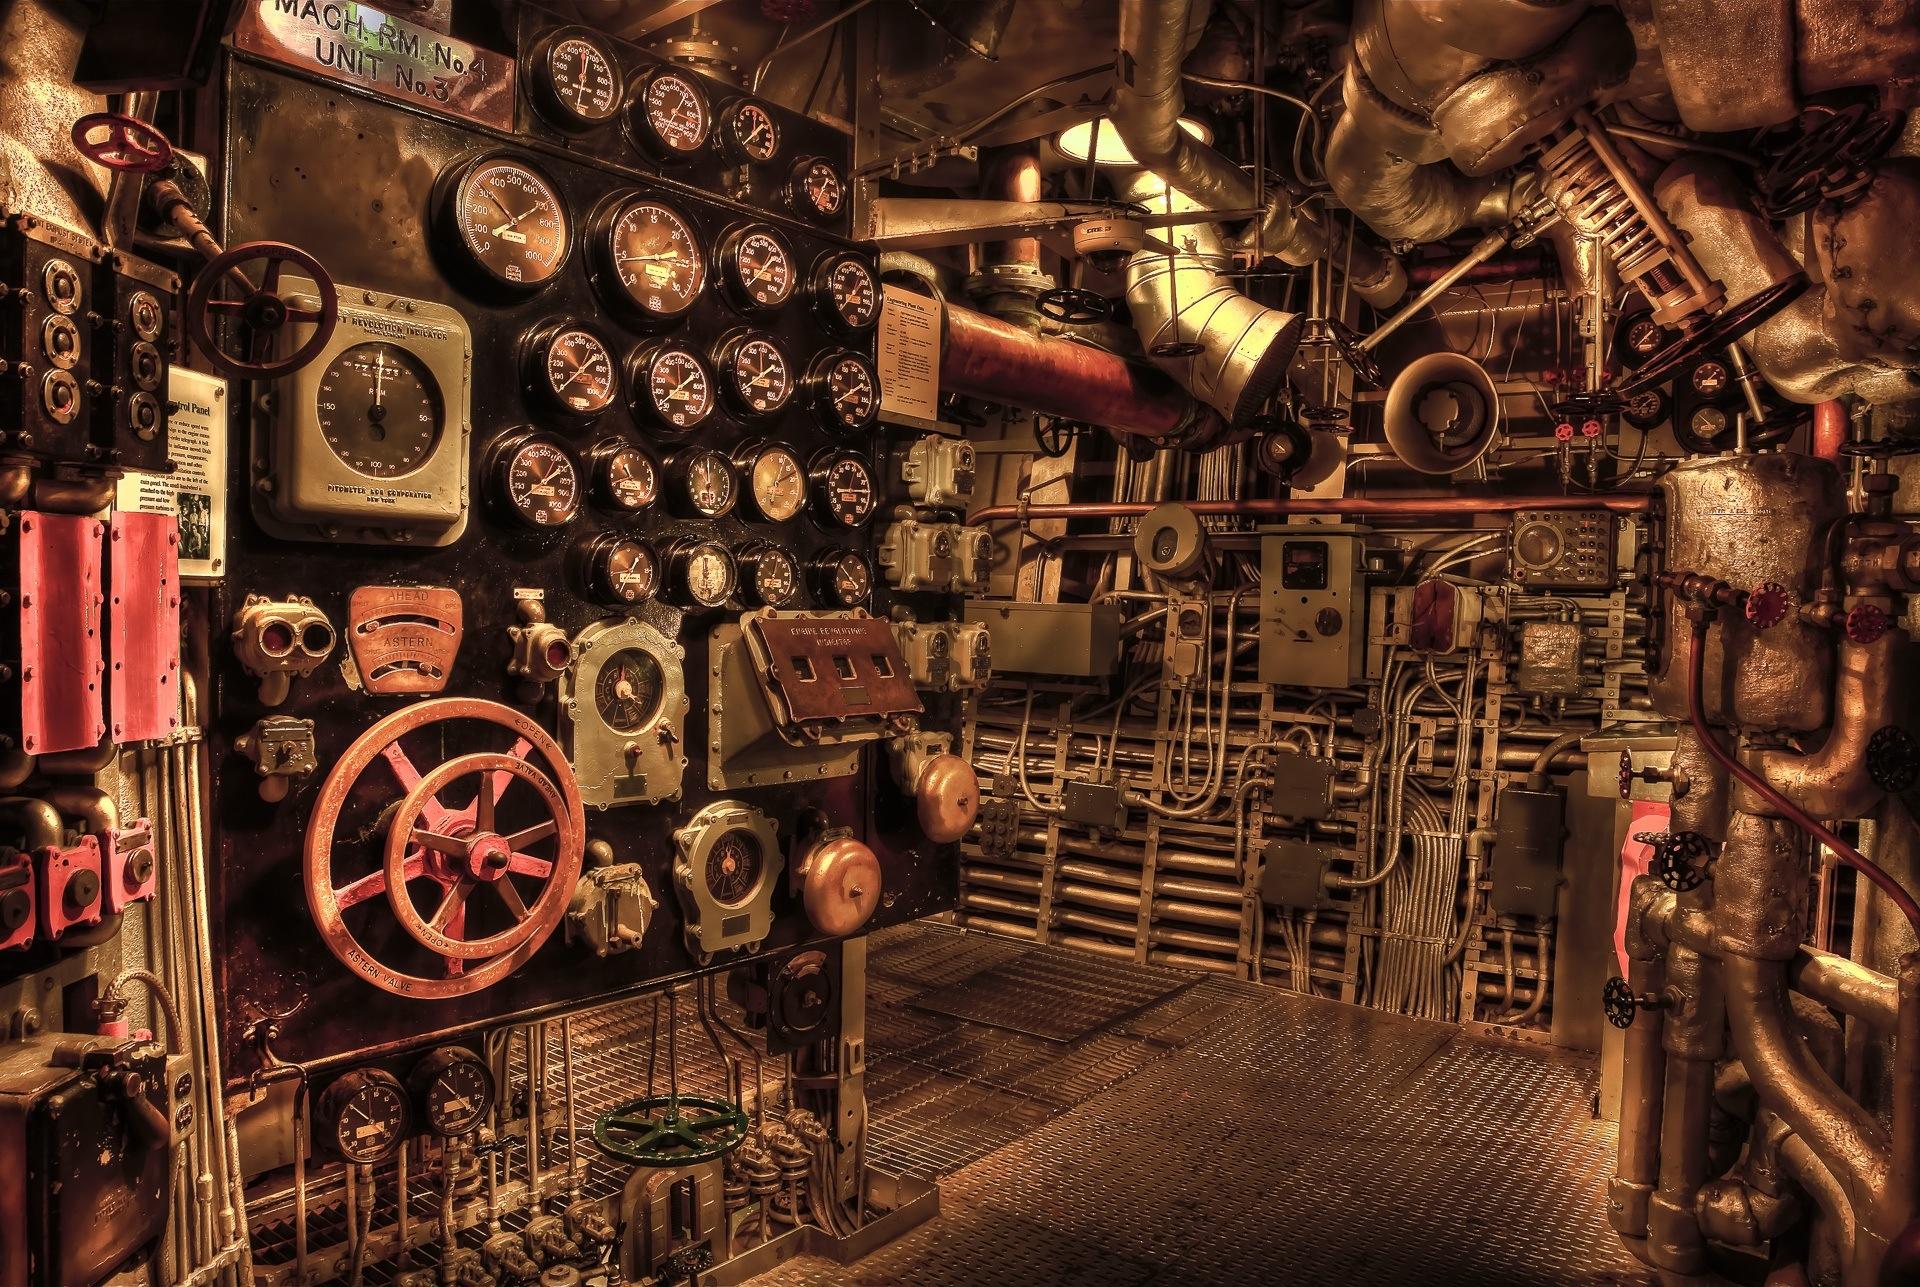 मशीनों के कमरे, वाल्व, गियर्स, कुंजियाँ, मशीन - HD वॉलपेपर - प्रोफेसर-falken.com